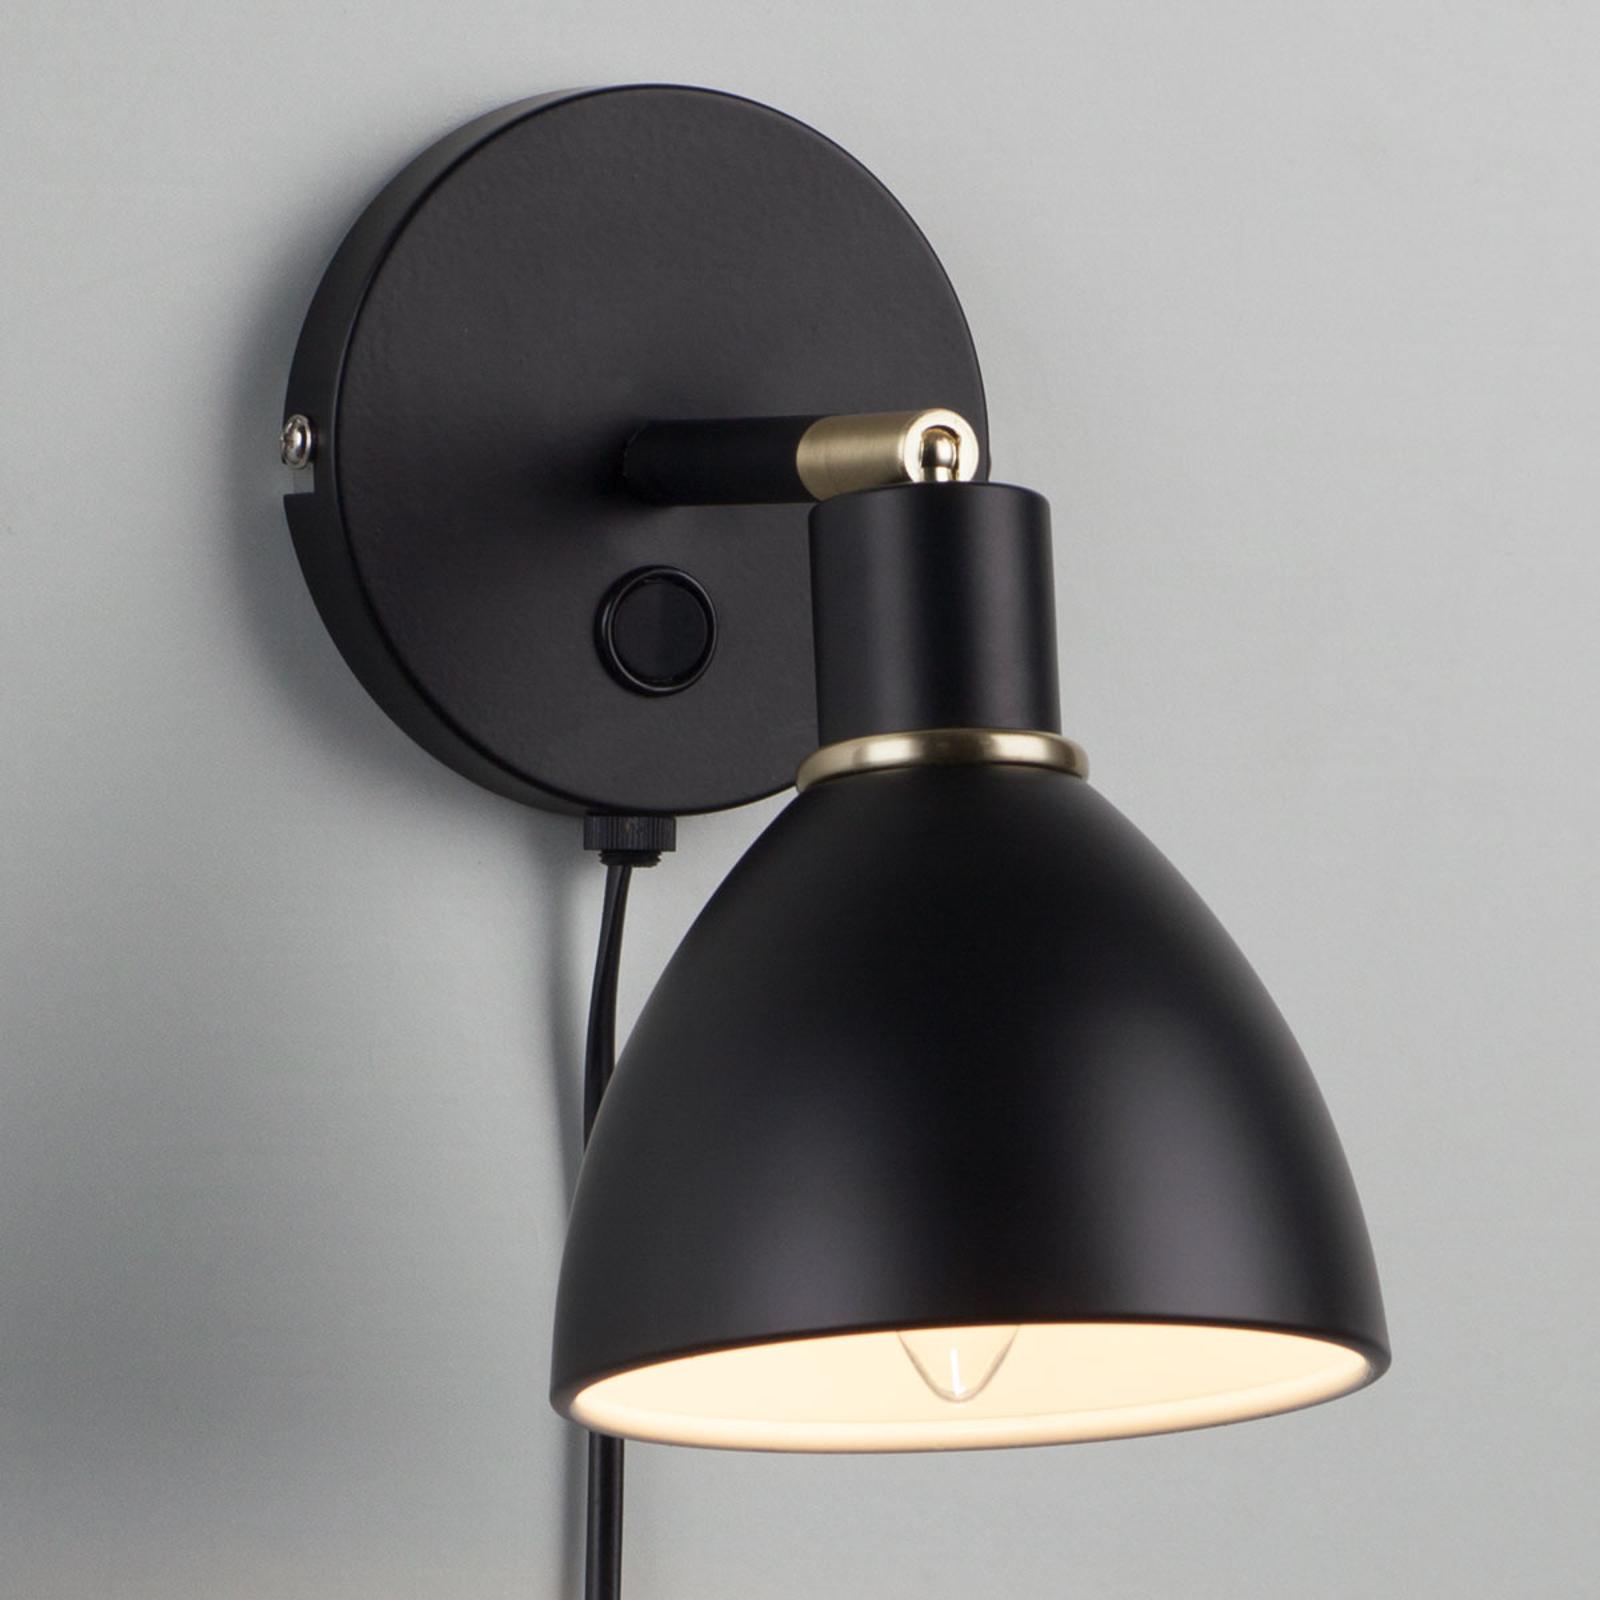 Czarna lampa ścienna Ray z obrotowym kloszem